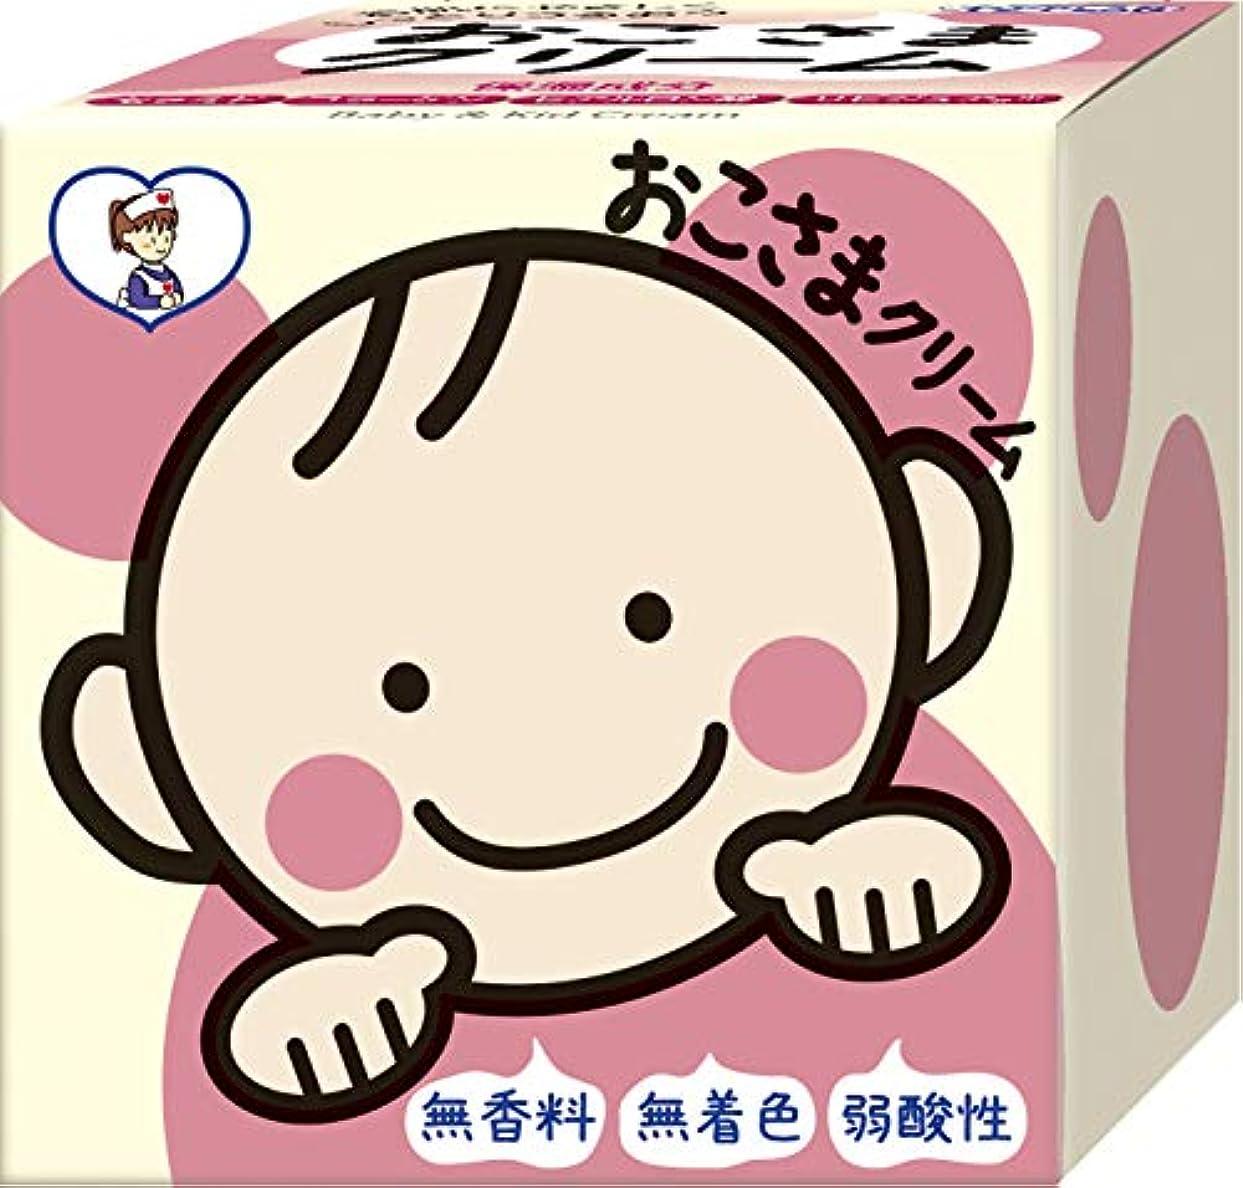 粗いウォーターフロント松TO-PLAN(トプラン) おこさまクリーム110g 無着色 無香料 低刺激クリーム